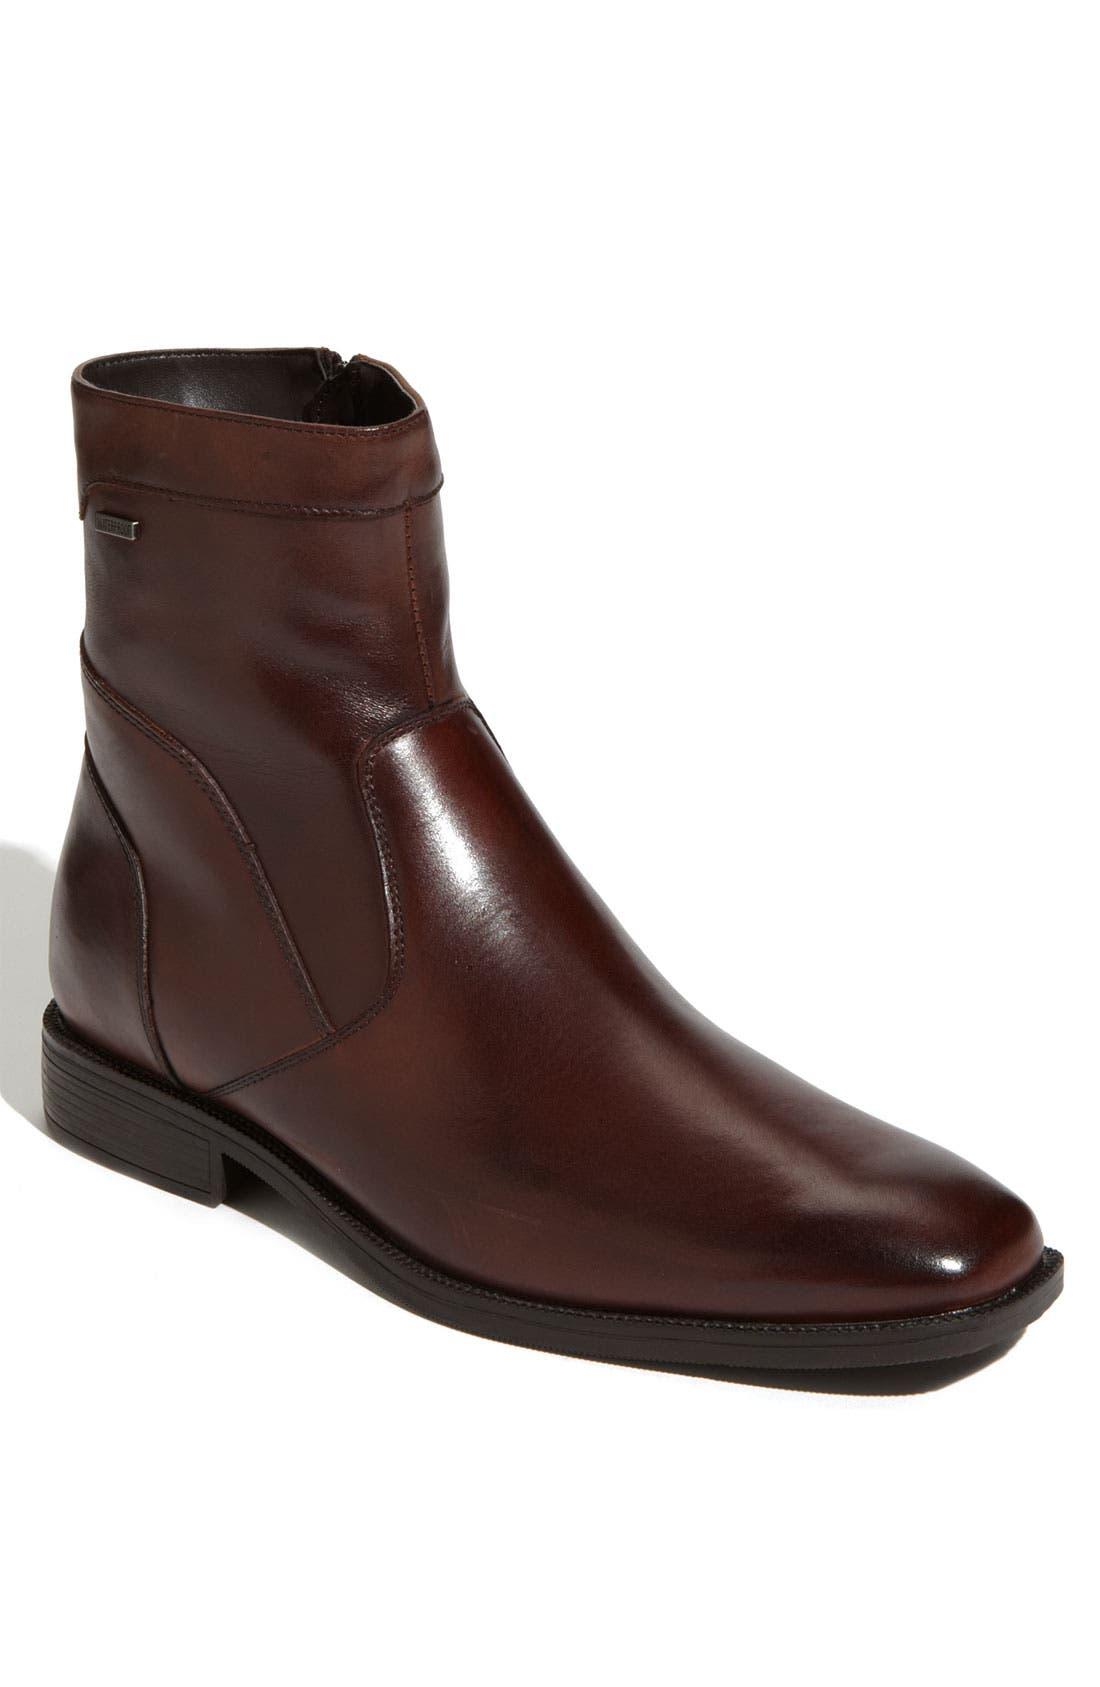 Blondo 'Valerio' Waterproof Boot (Men)